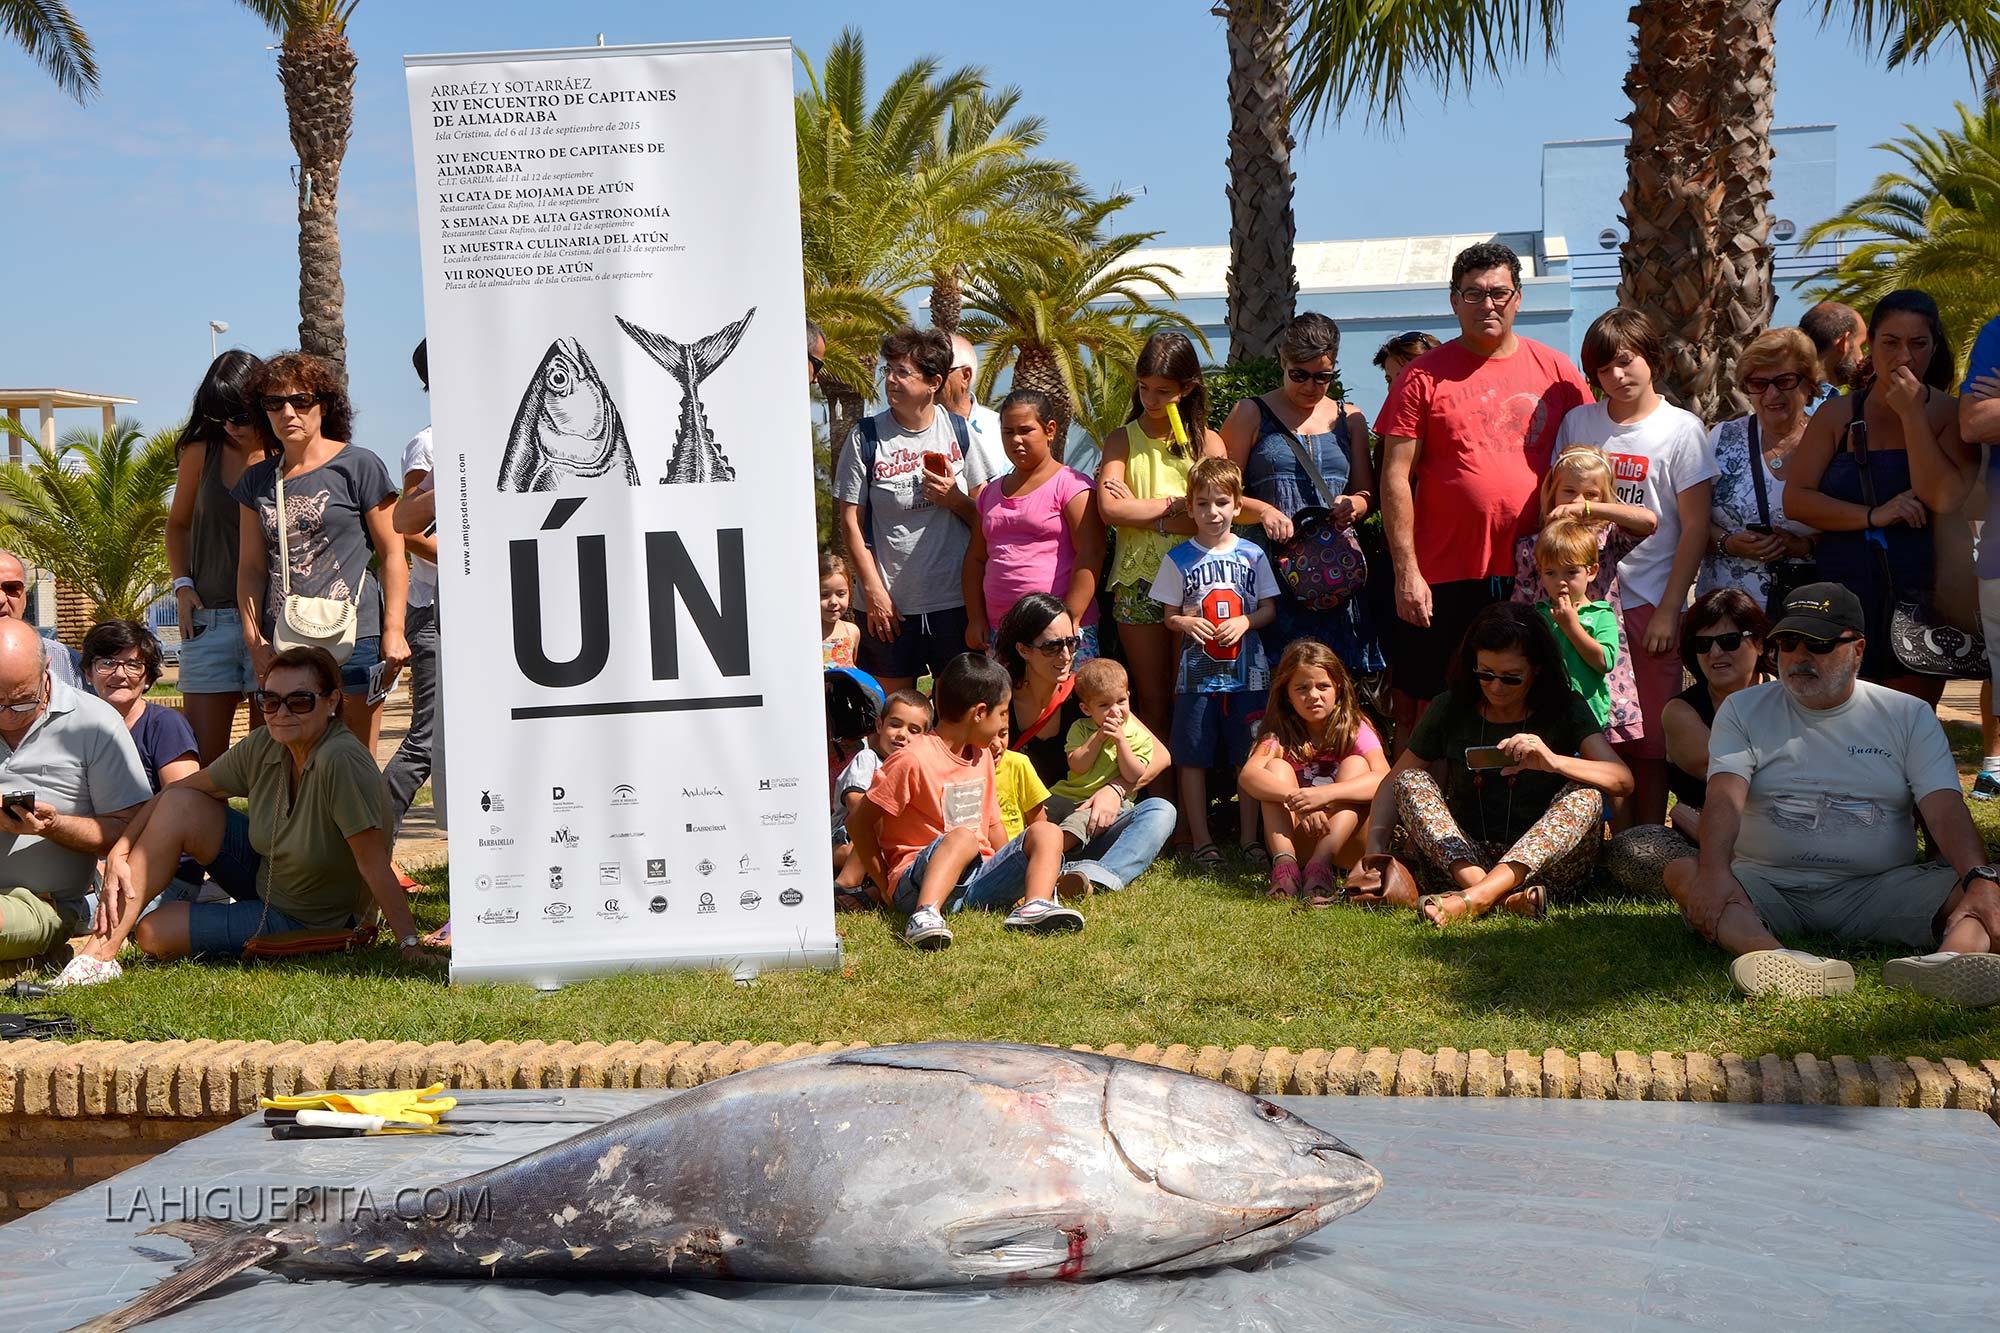 Ronqueo de un atún en la Plaza de la Almadraba de Isla cristina